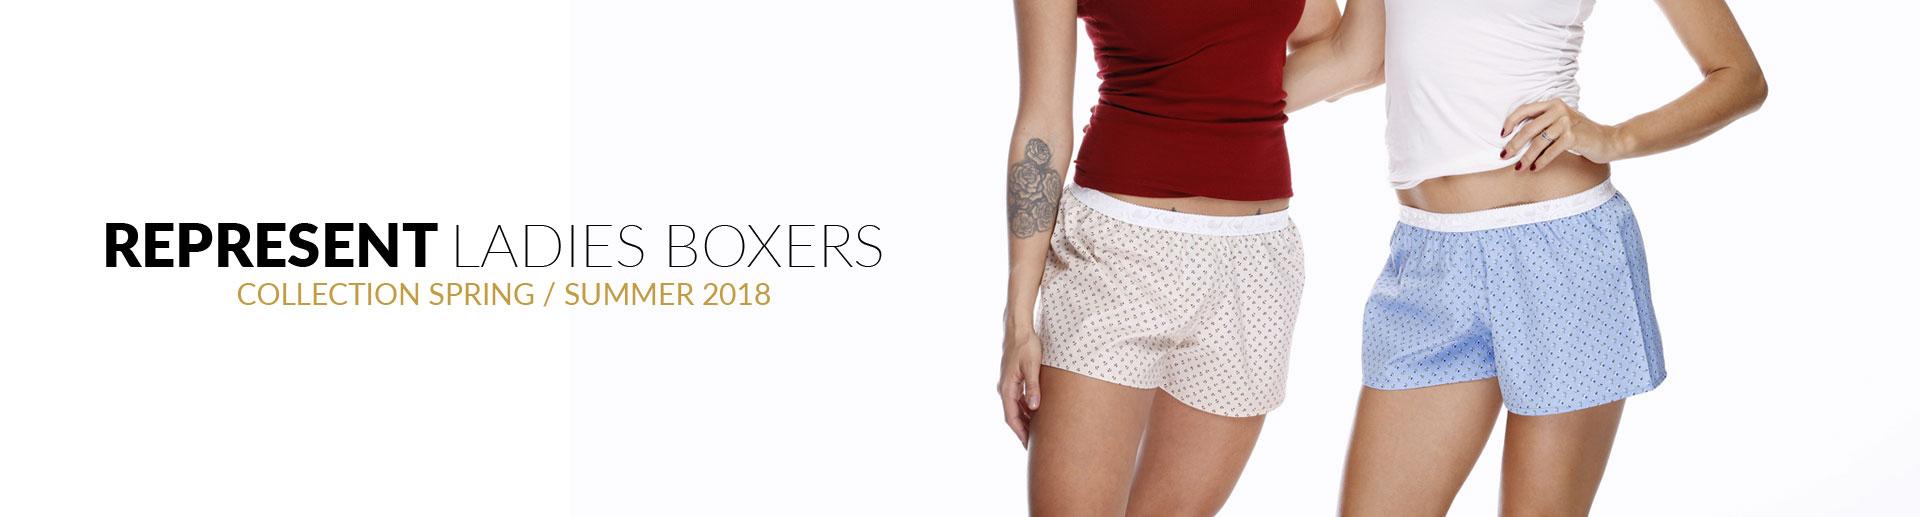 Nové dámské boxerky Represent